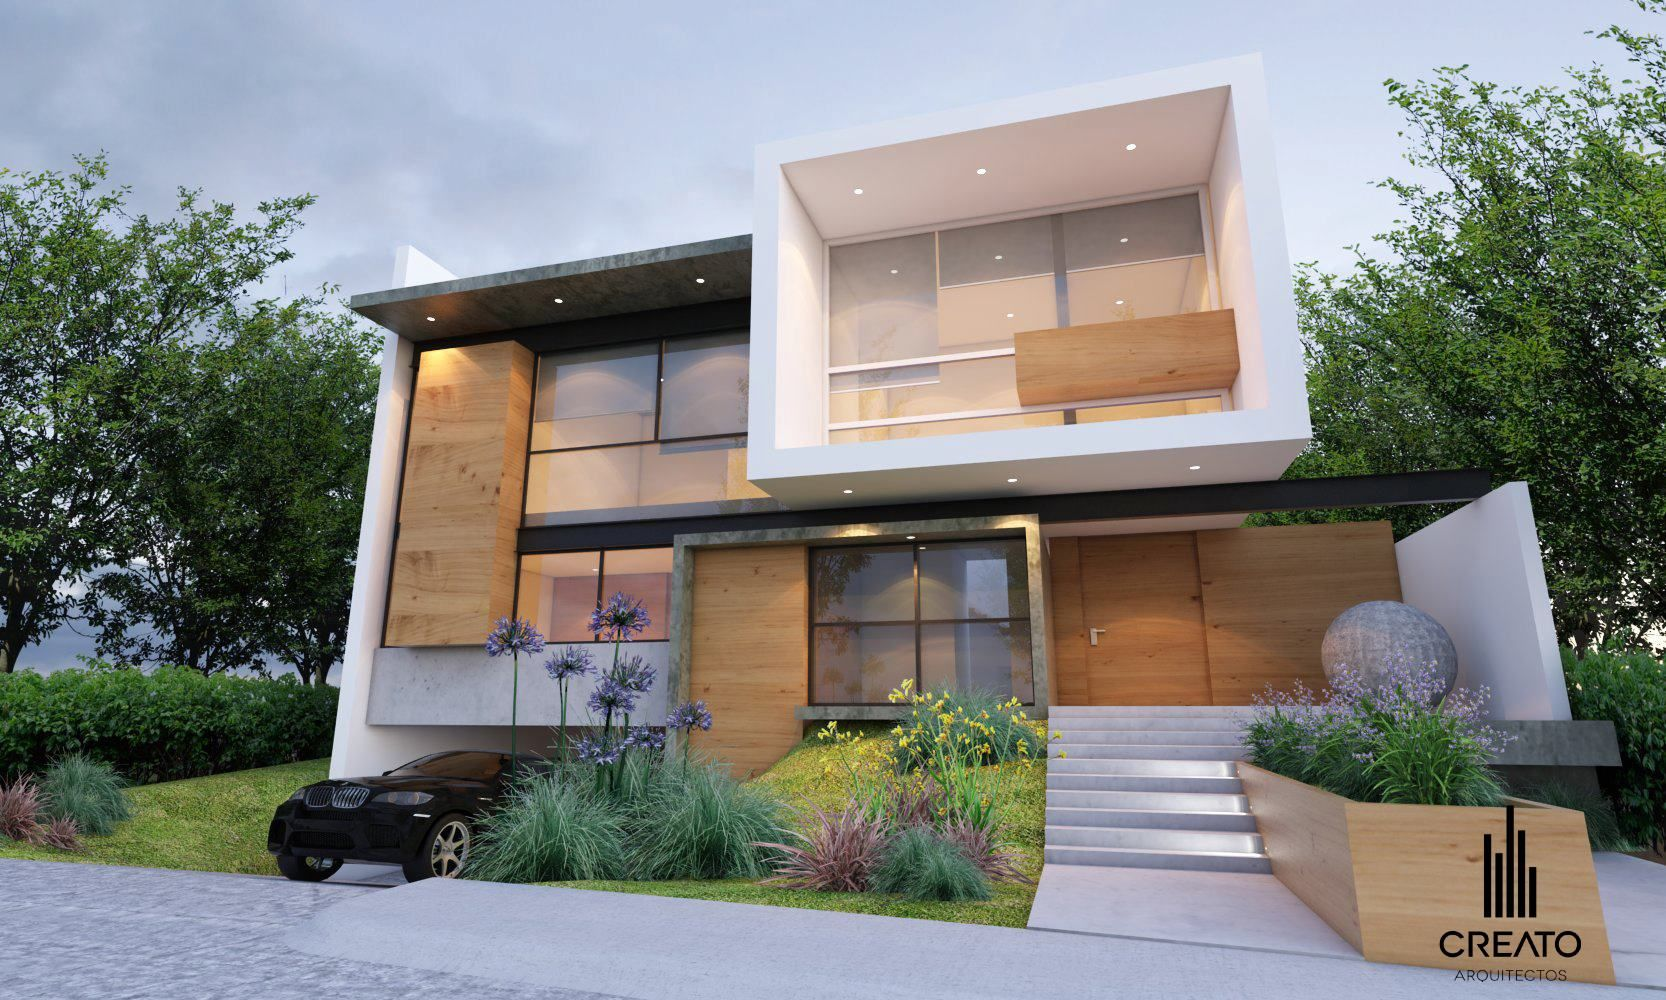 Fachadas creato arquitectos arch creato arquitectos - Disenar mi propia casa ...